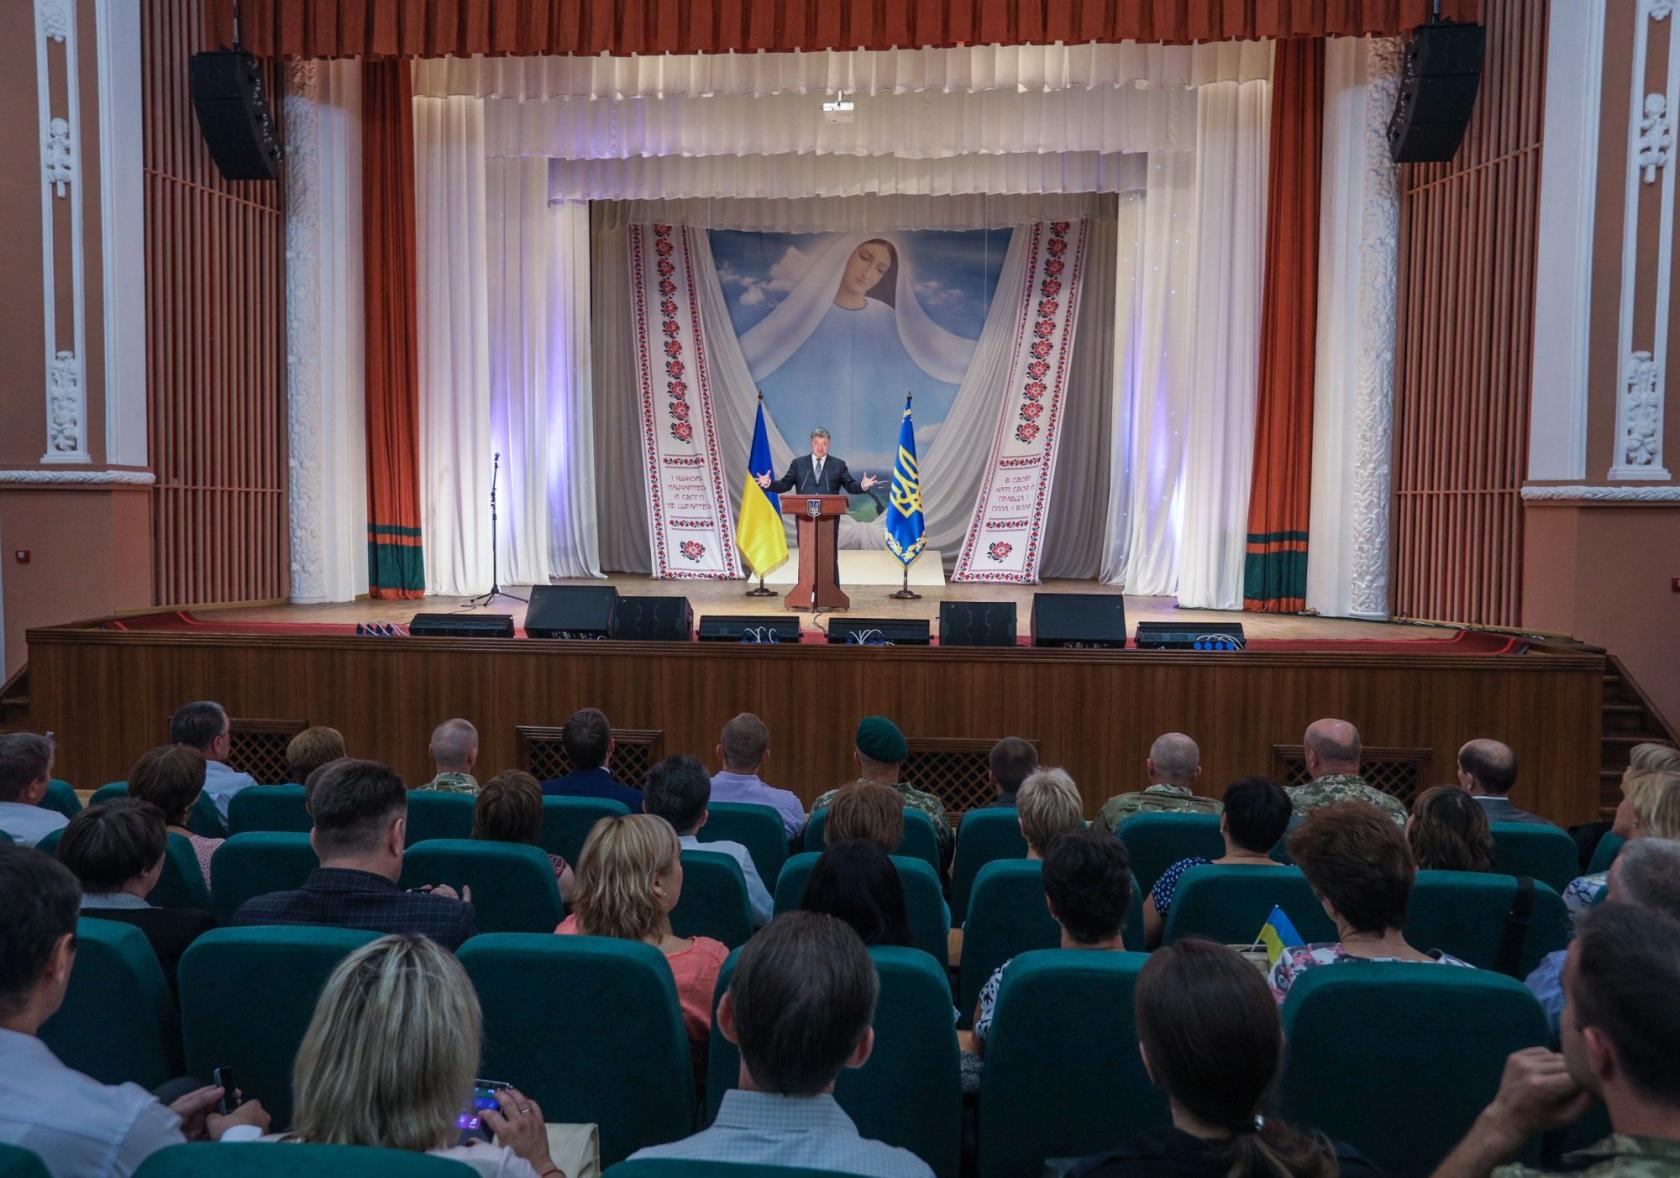 Театральний виступ Порошенка. 22 серпня, Сєвєродонецьк Луганської області